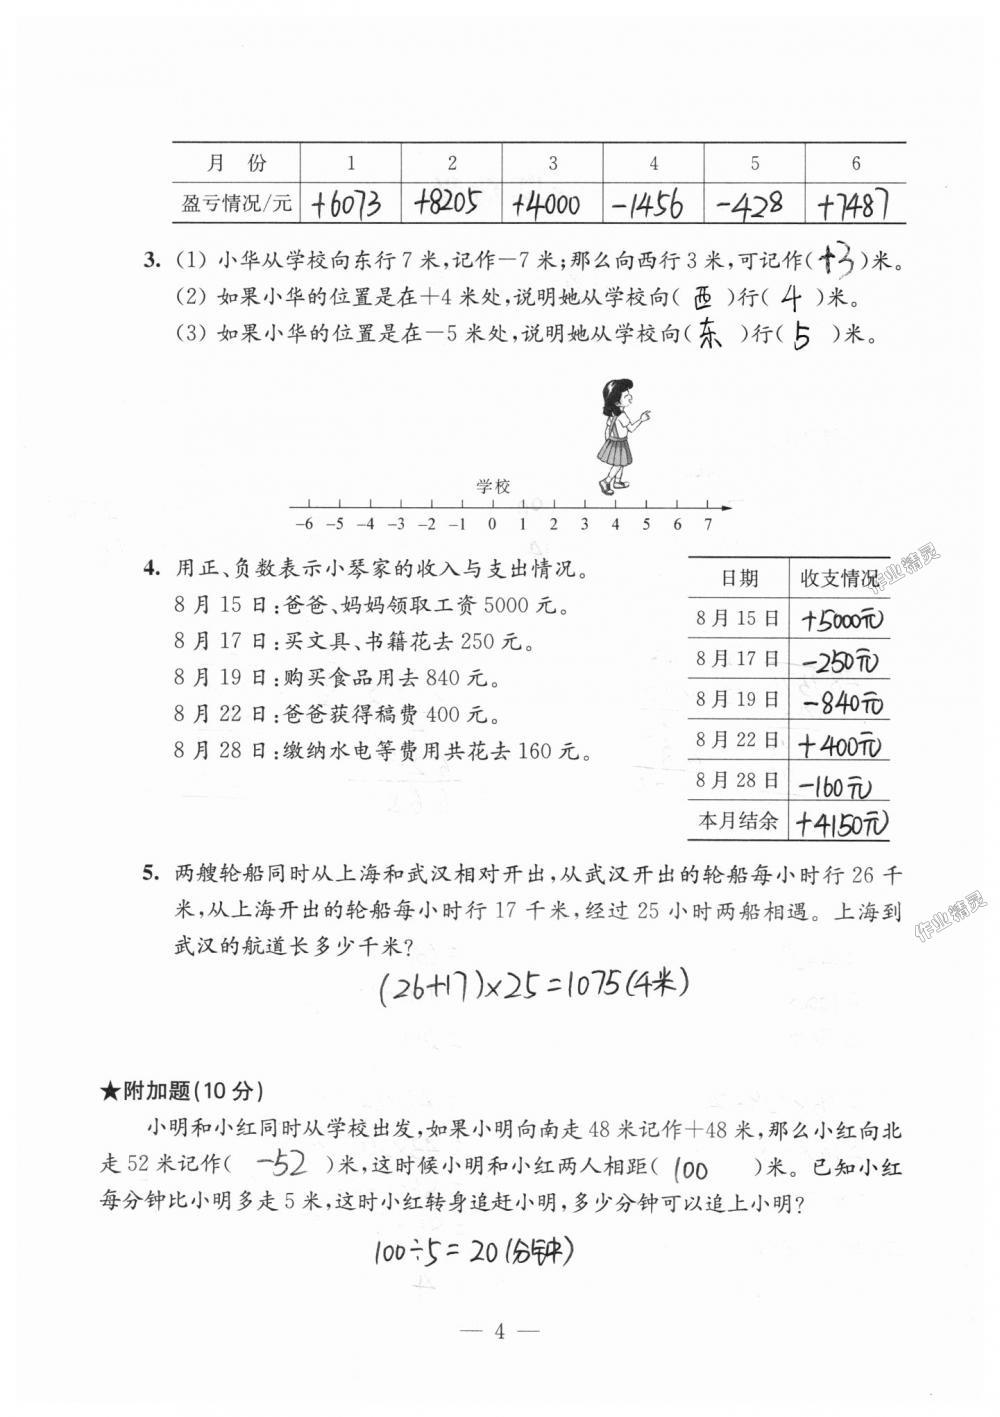 2018年练习与测试检测卷五年级数学上册苏教版第4页